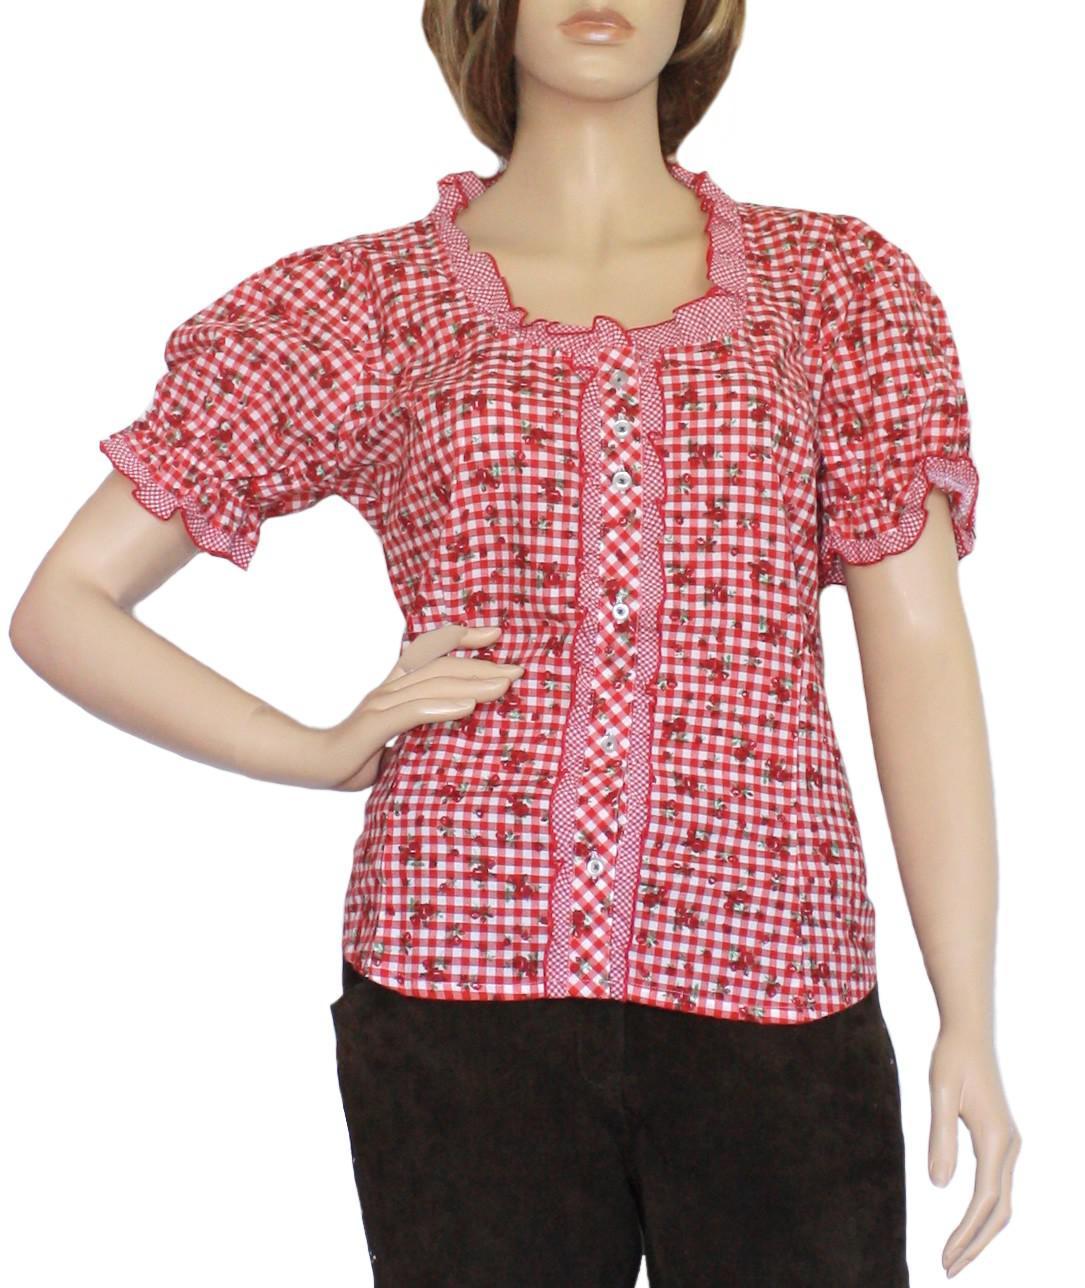 trachtenbluse damen trachten lederhosen bluse trachtenmode rot kariert kaufen bei german wear gmbh. Black Bedroom Furniture Sets. Home Design Ideas